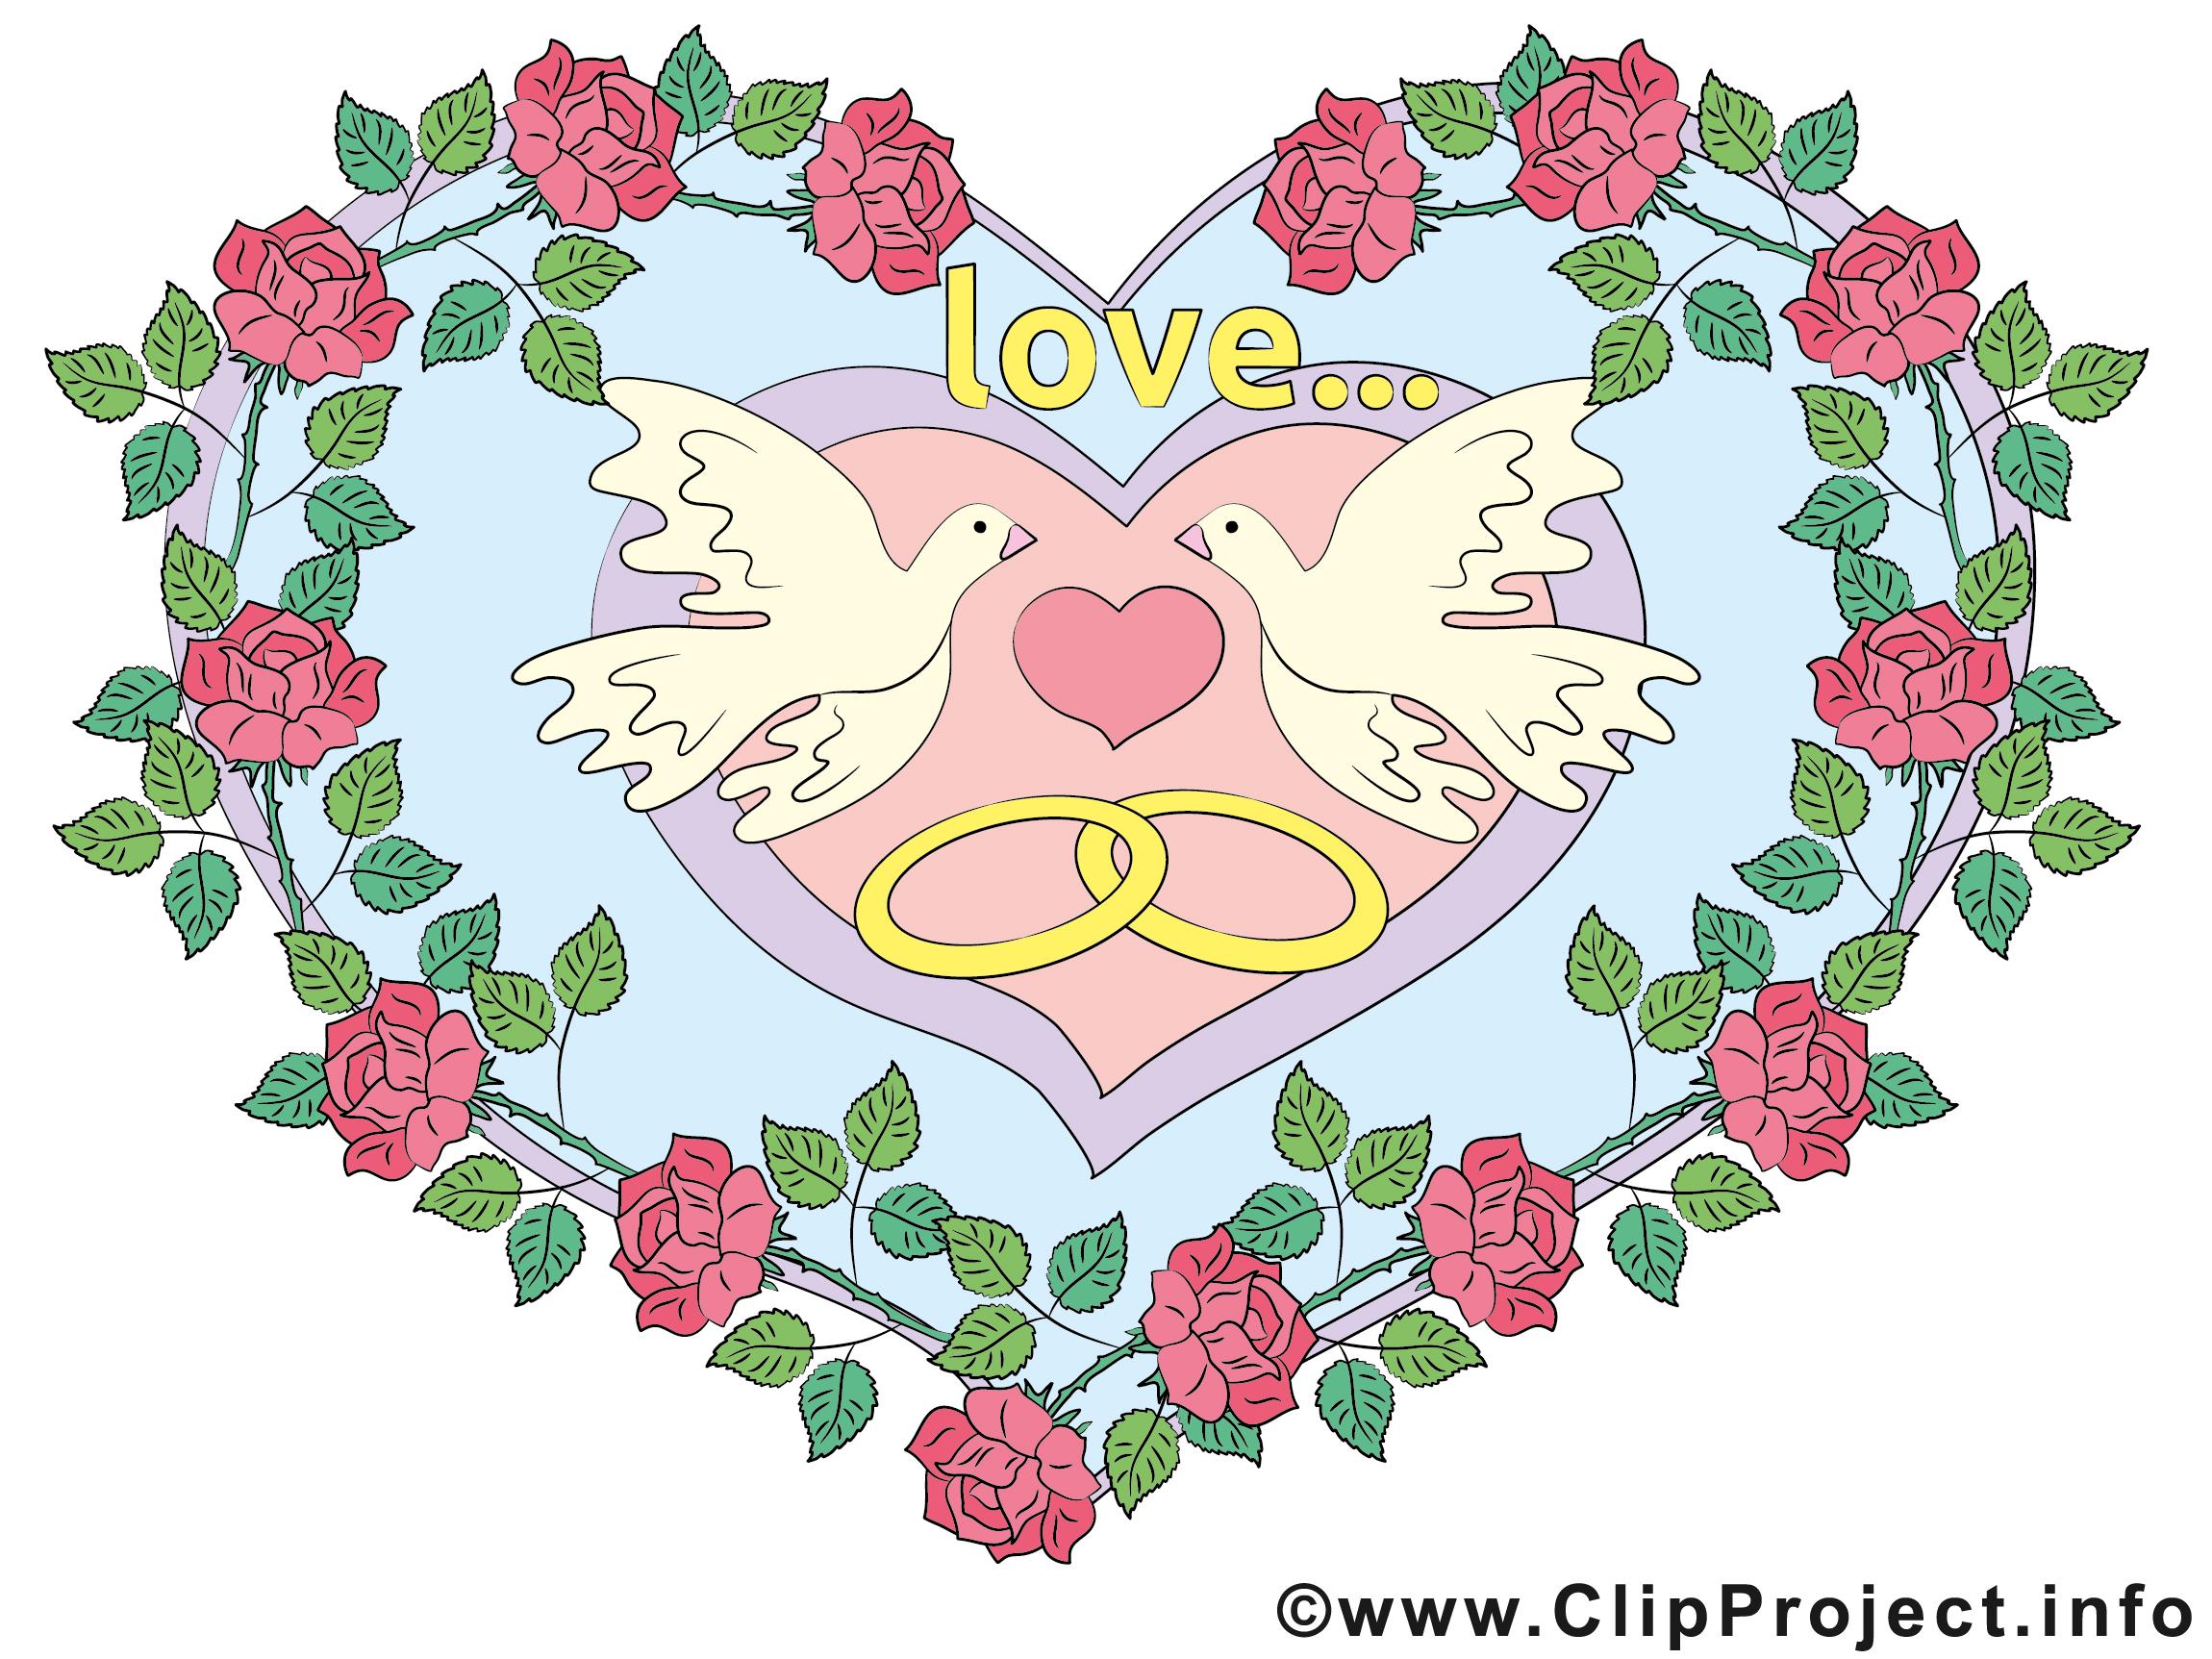 Colombes dessin gratuit mariage image mariage dessin picture image graphic clip art - Dessin anniversaire de mariage ...